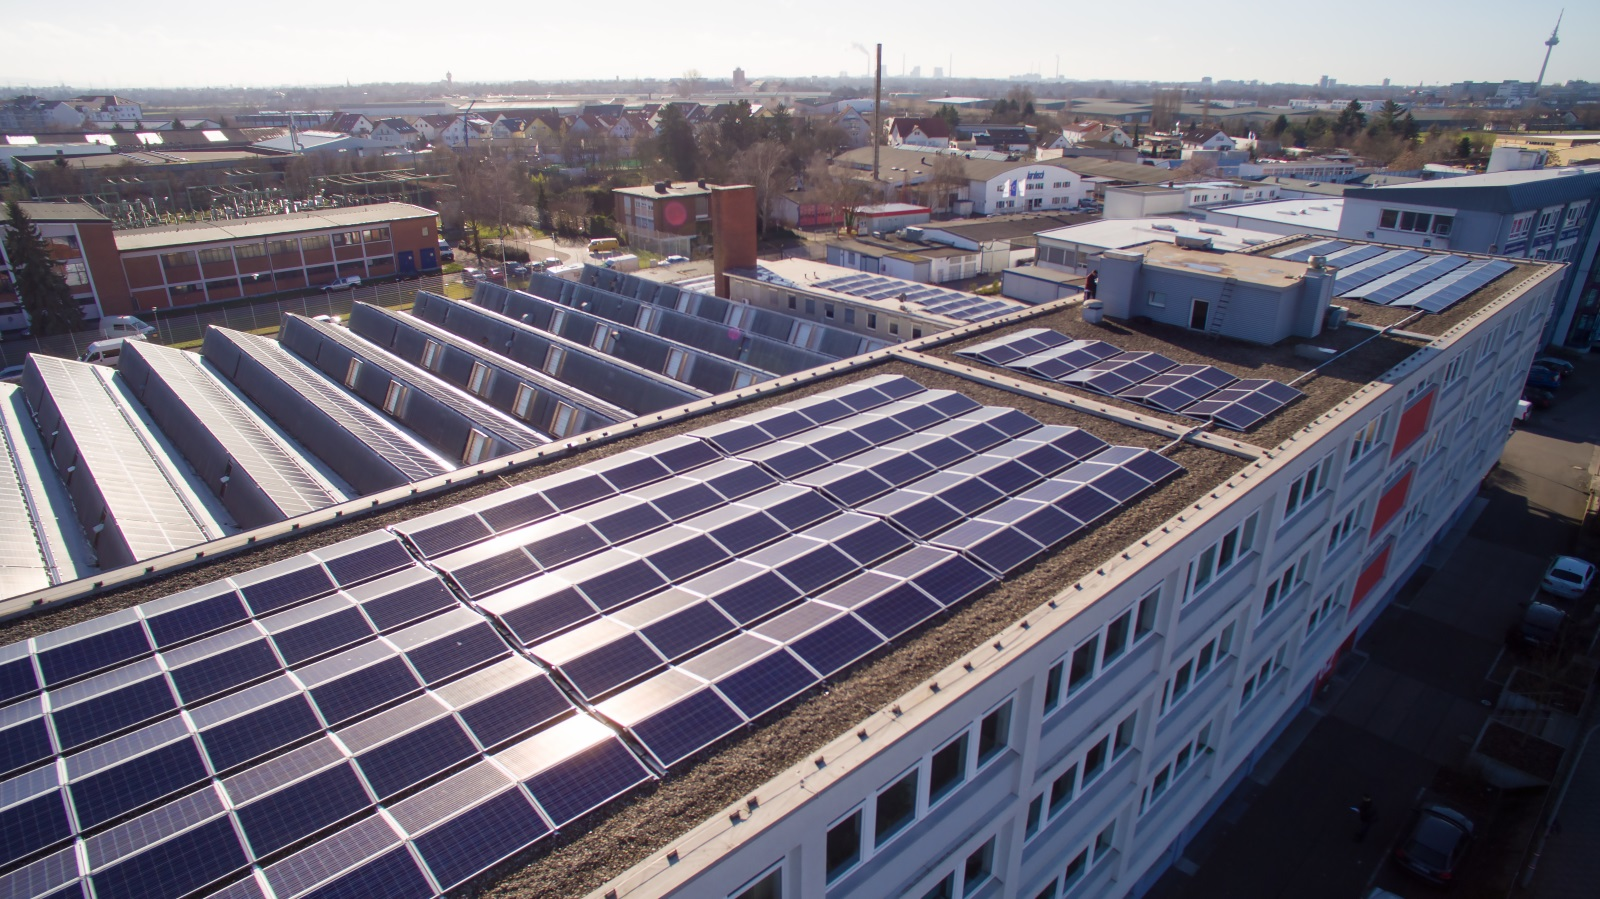 Gewerpark mit Photovoltaik-Eigenverbrauch